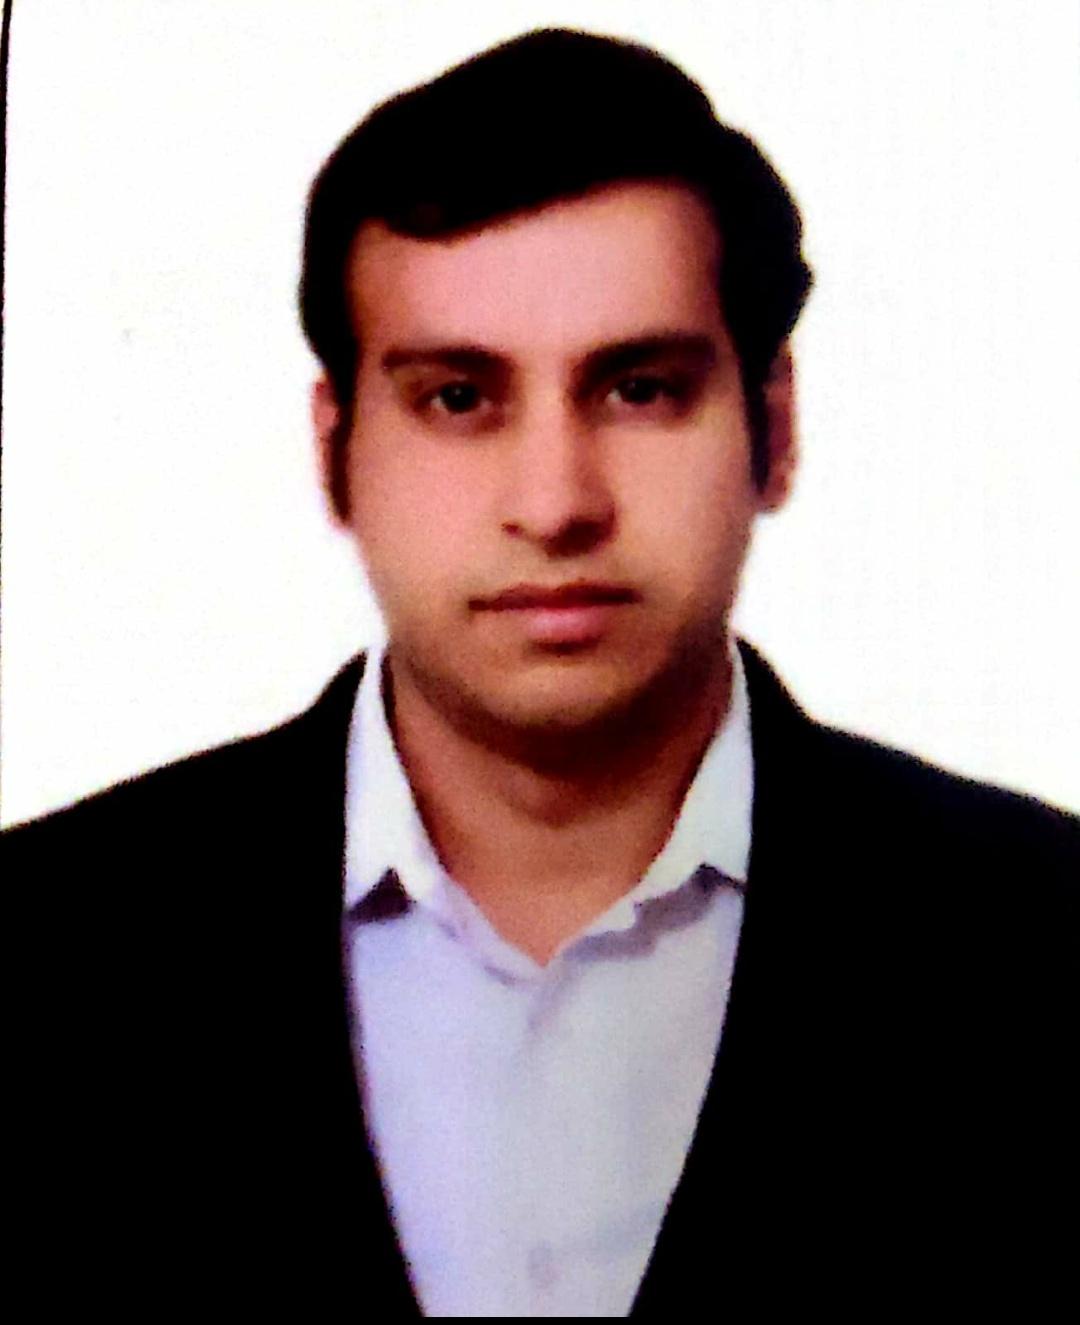 Mohit Gulati